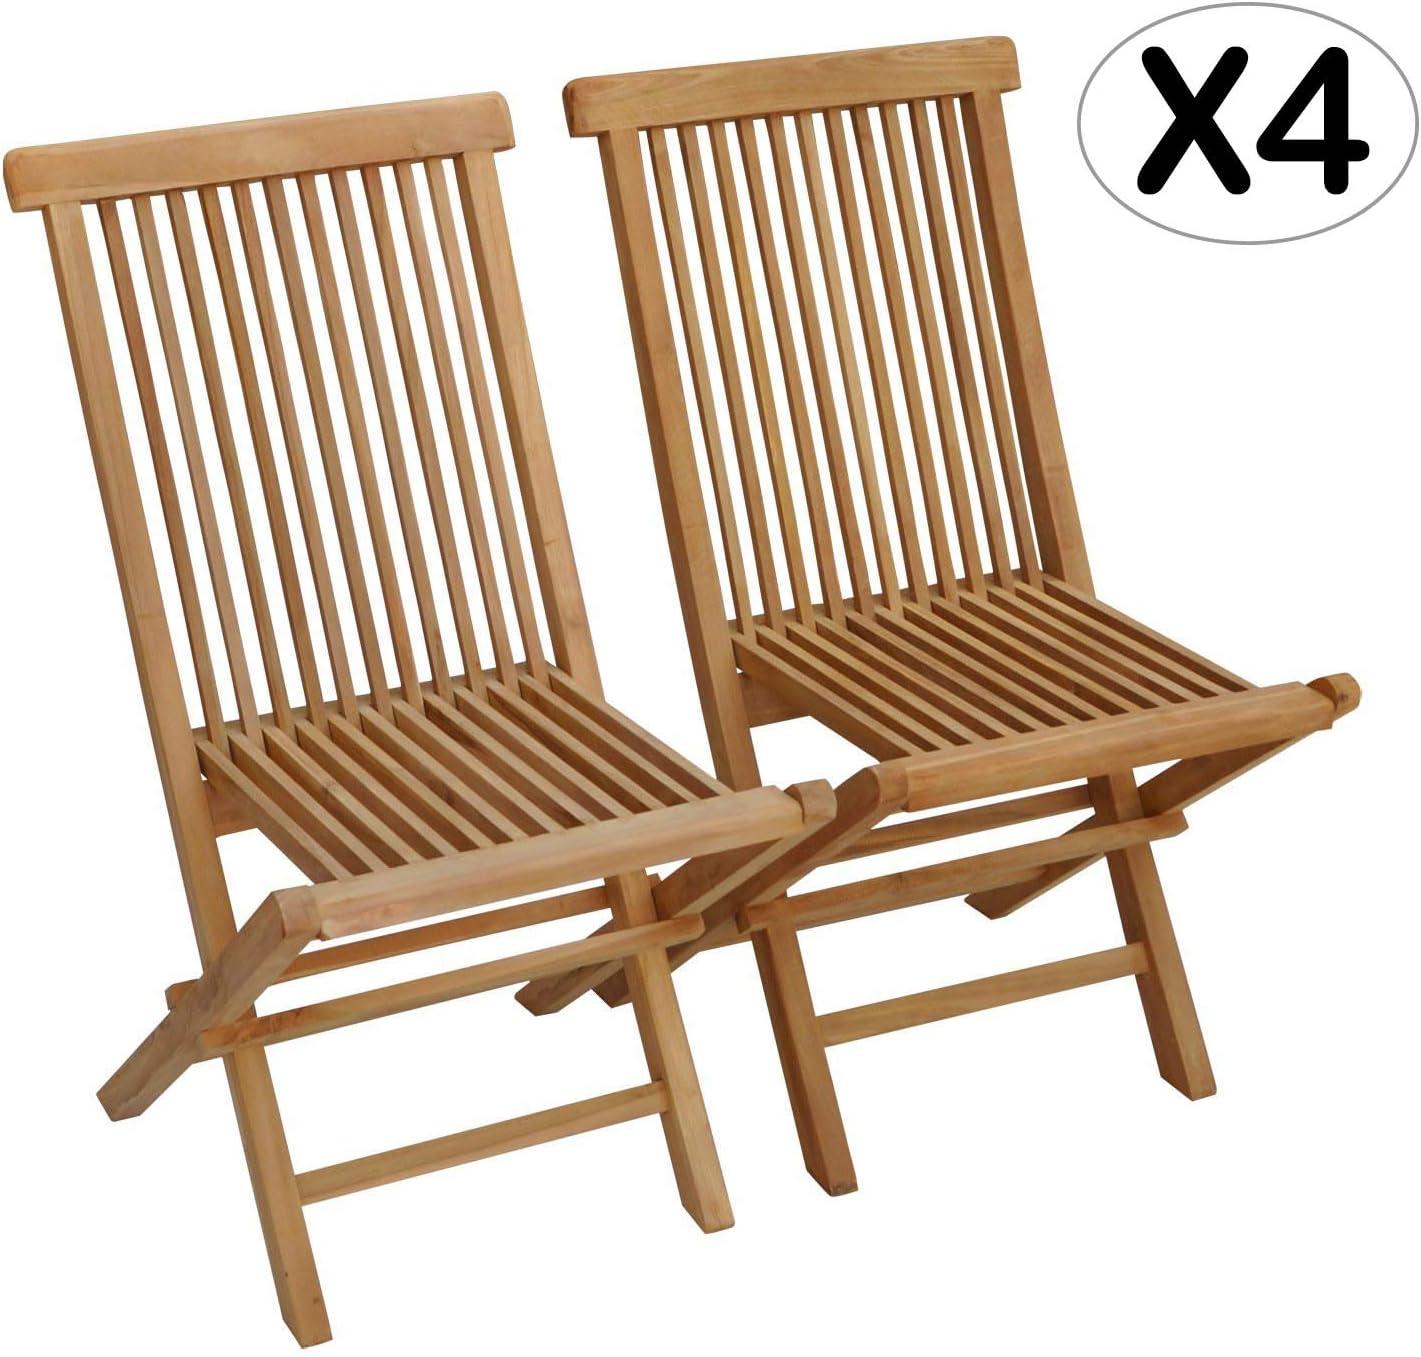 Beneffito SALENTO - Conjunto de 4 sillas de jardín Plegables en Teca Natural para Exterior (X4)